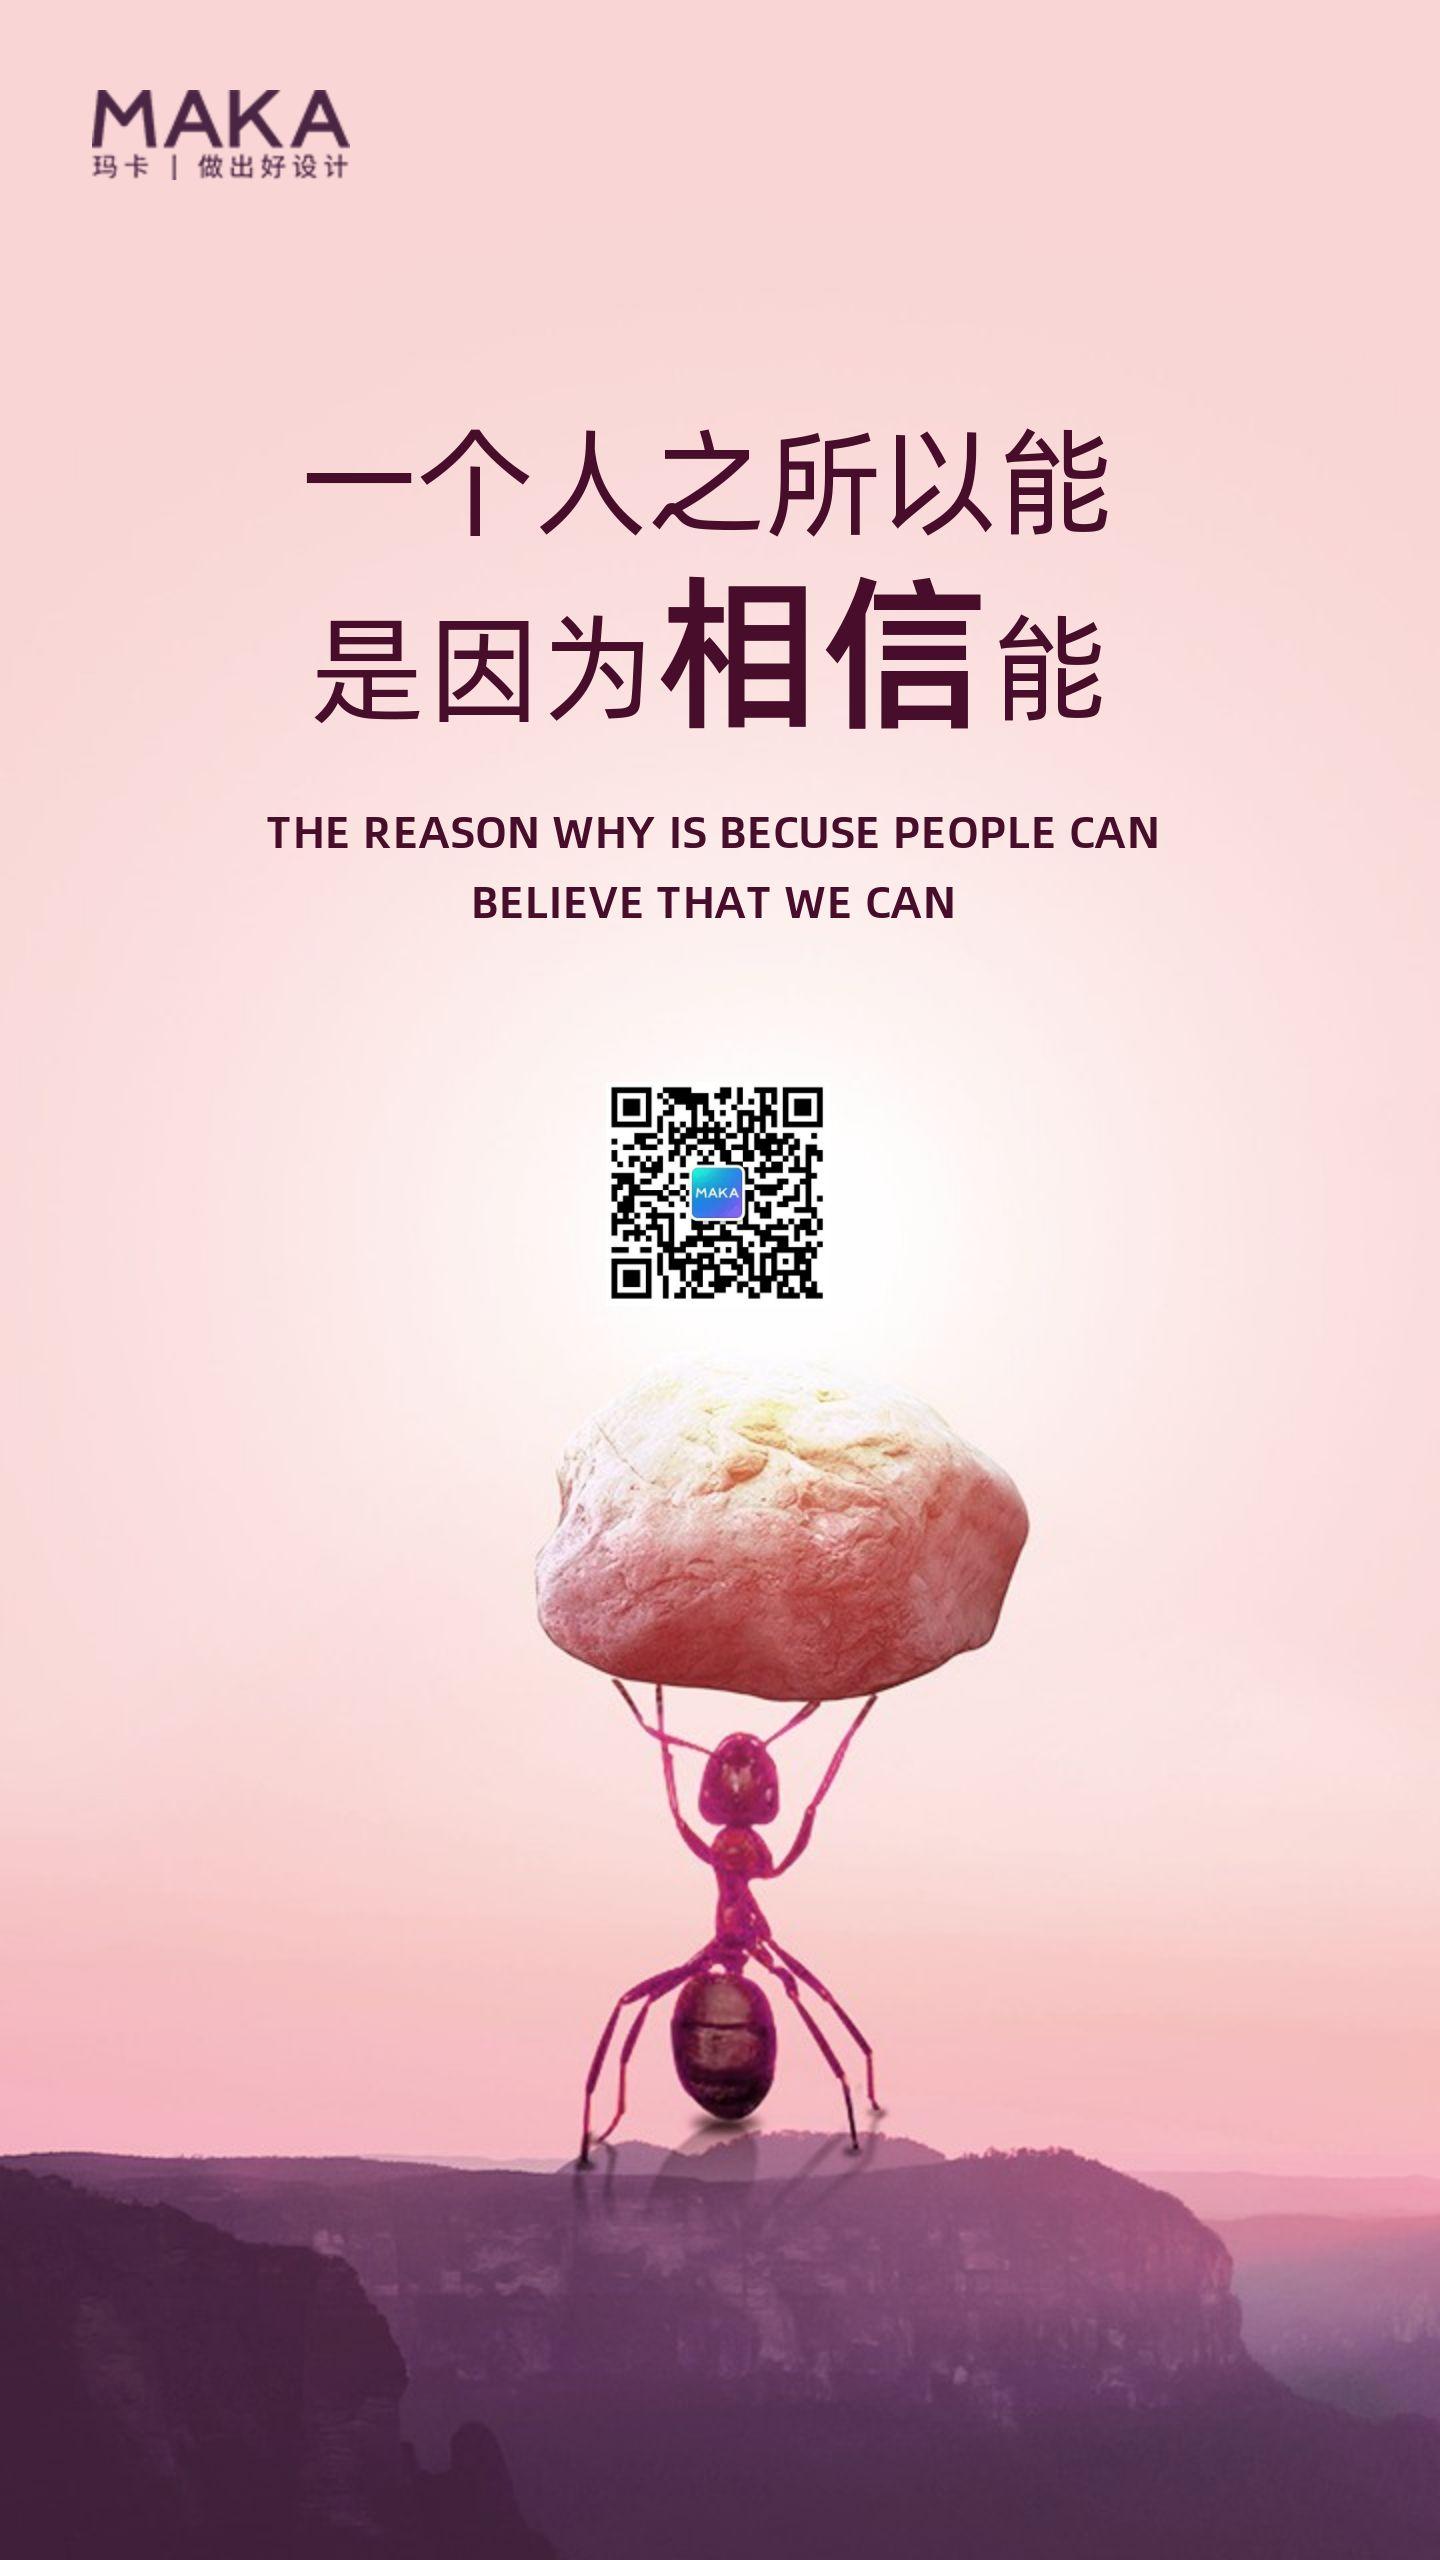 简约红色举起石头的蚂蚁励志企业文化相信自己励志宣传朋友圈日签宣传海报